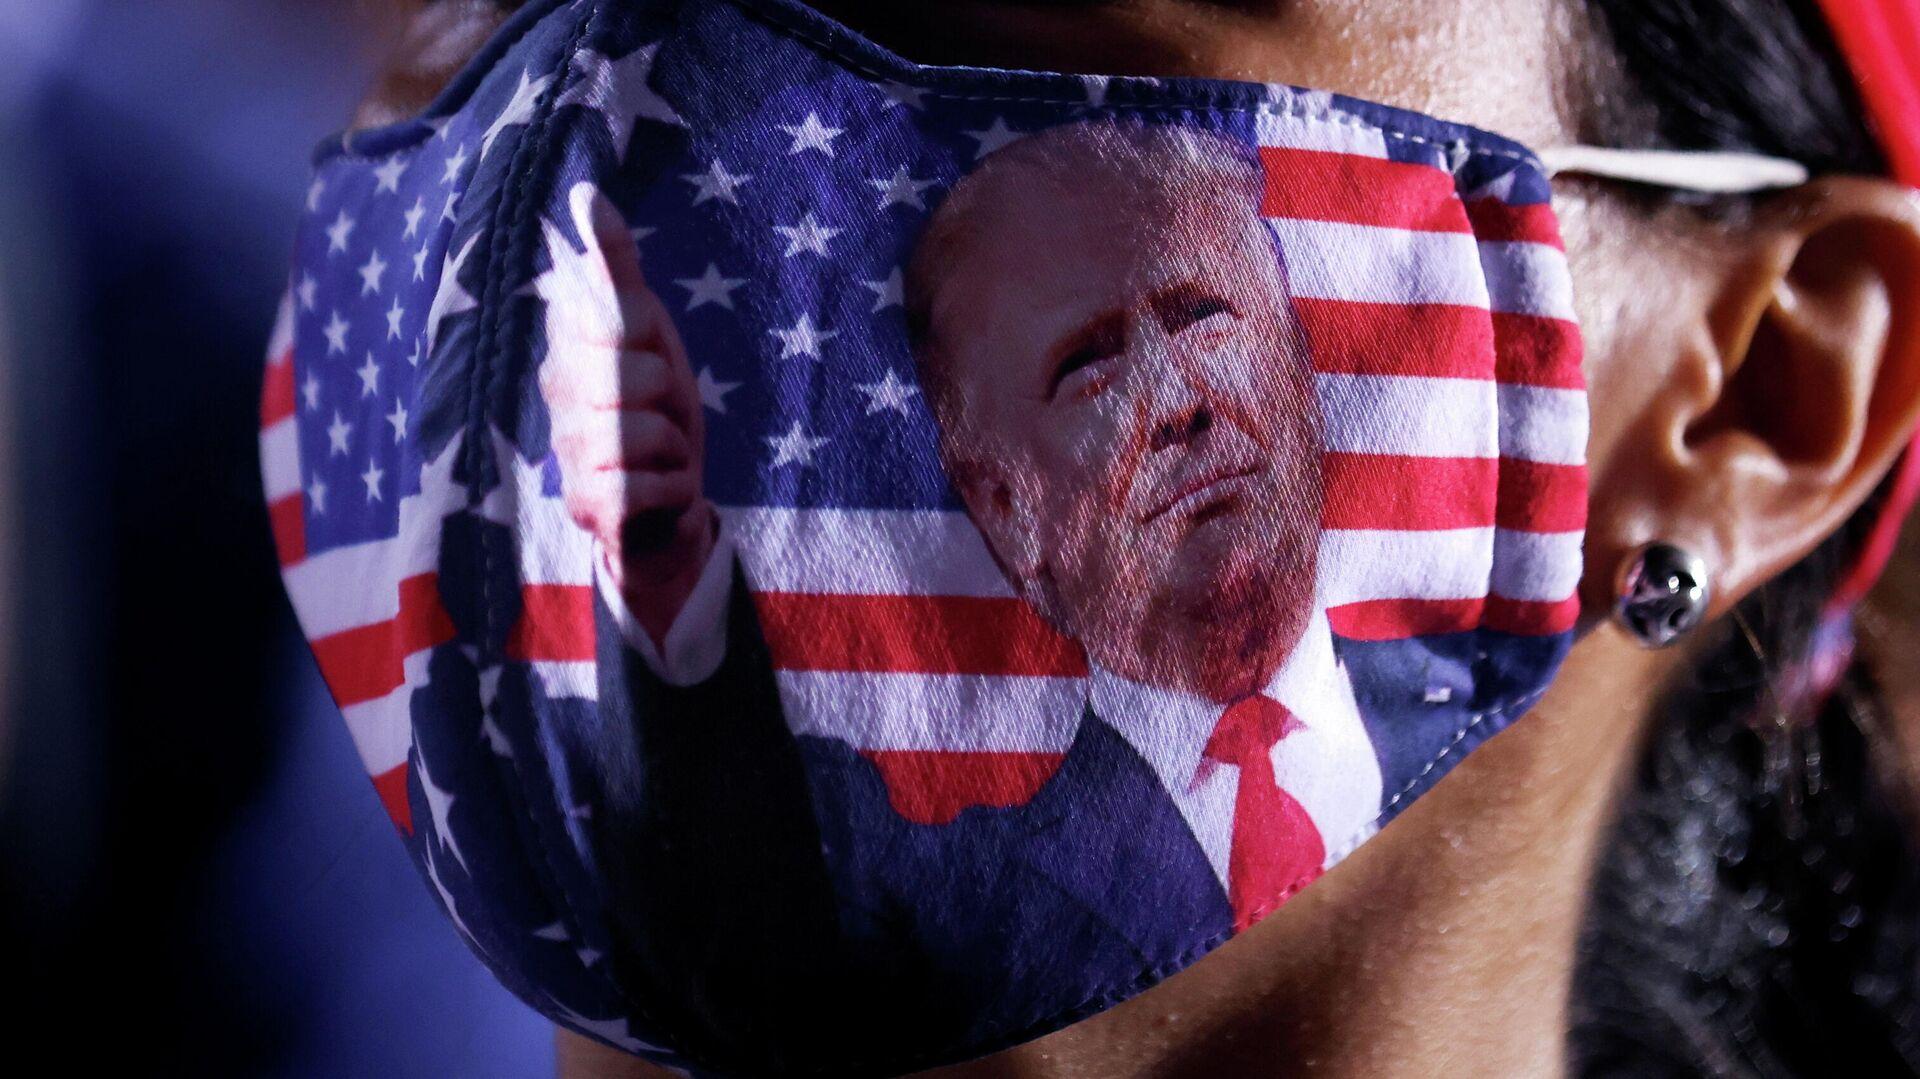 Сторонница президента США Дональда Трампа в маске на митинге в Опа-Локке, Флорида, США, 2 ноября 2020 года - РИА Новости, 1920, 02.11.2020